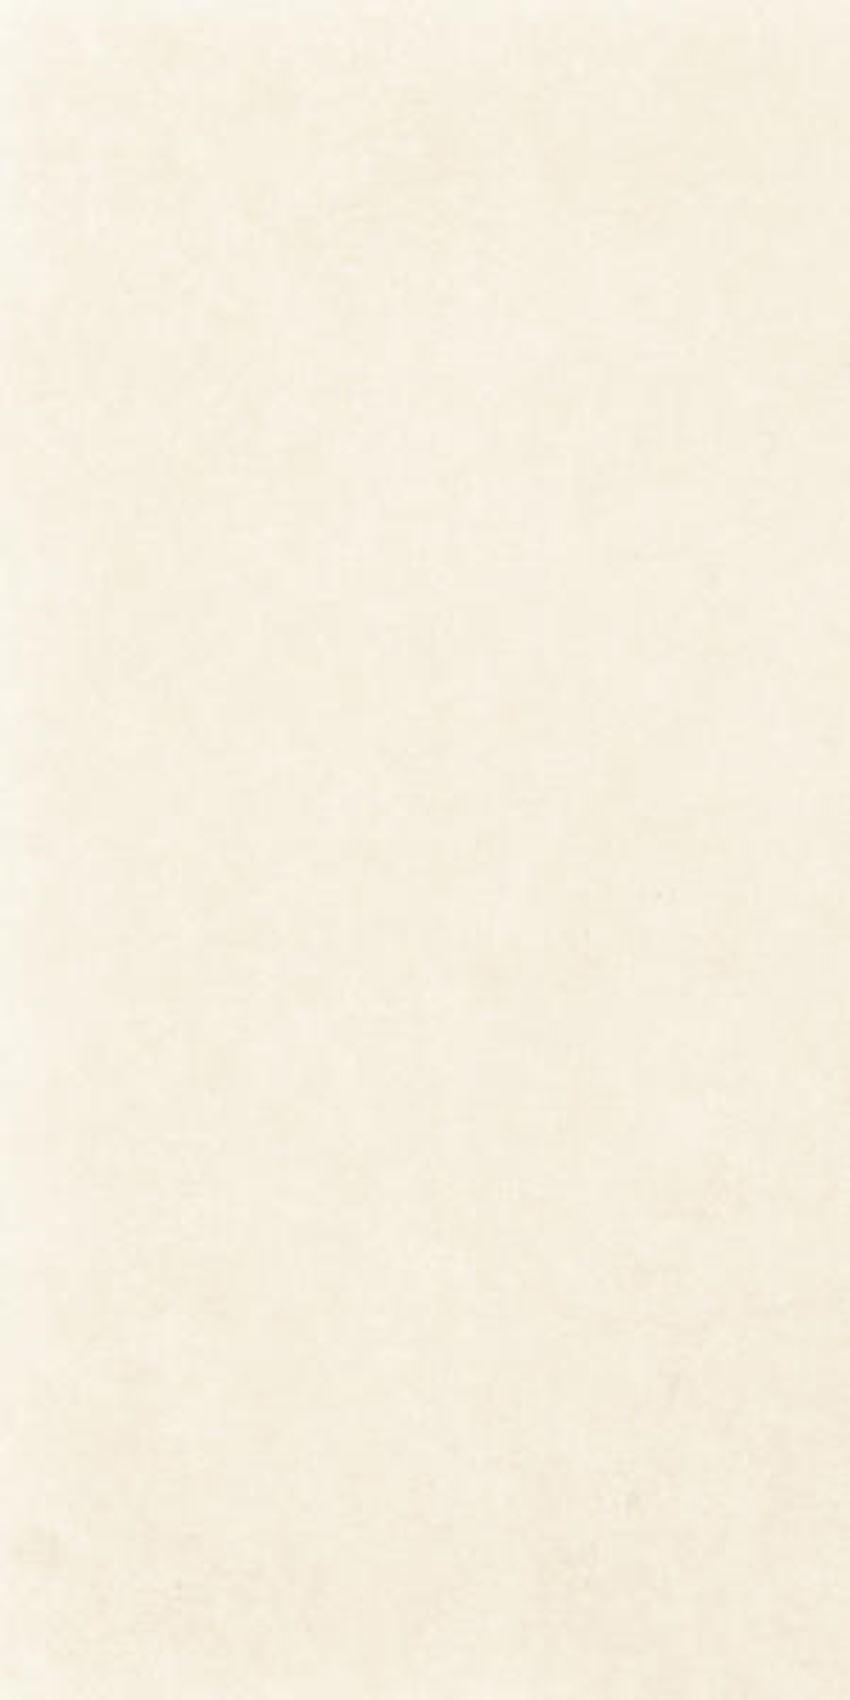 Płytka ścienno-podłogowa 29,8x59,8cm Paradyż Tero Beige Gres Rekt. Półpoler